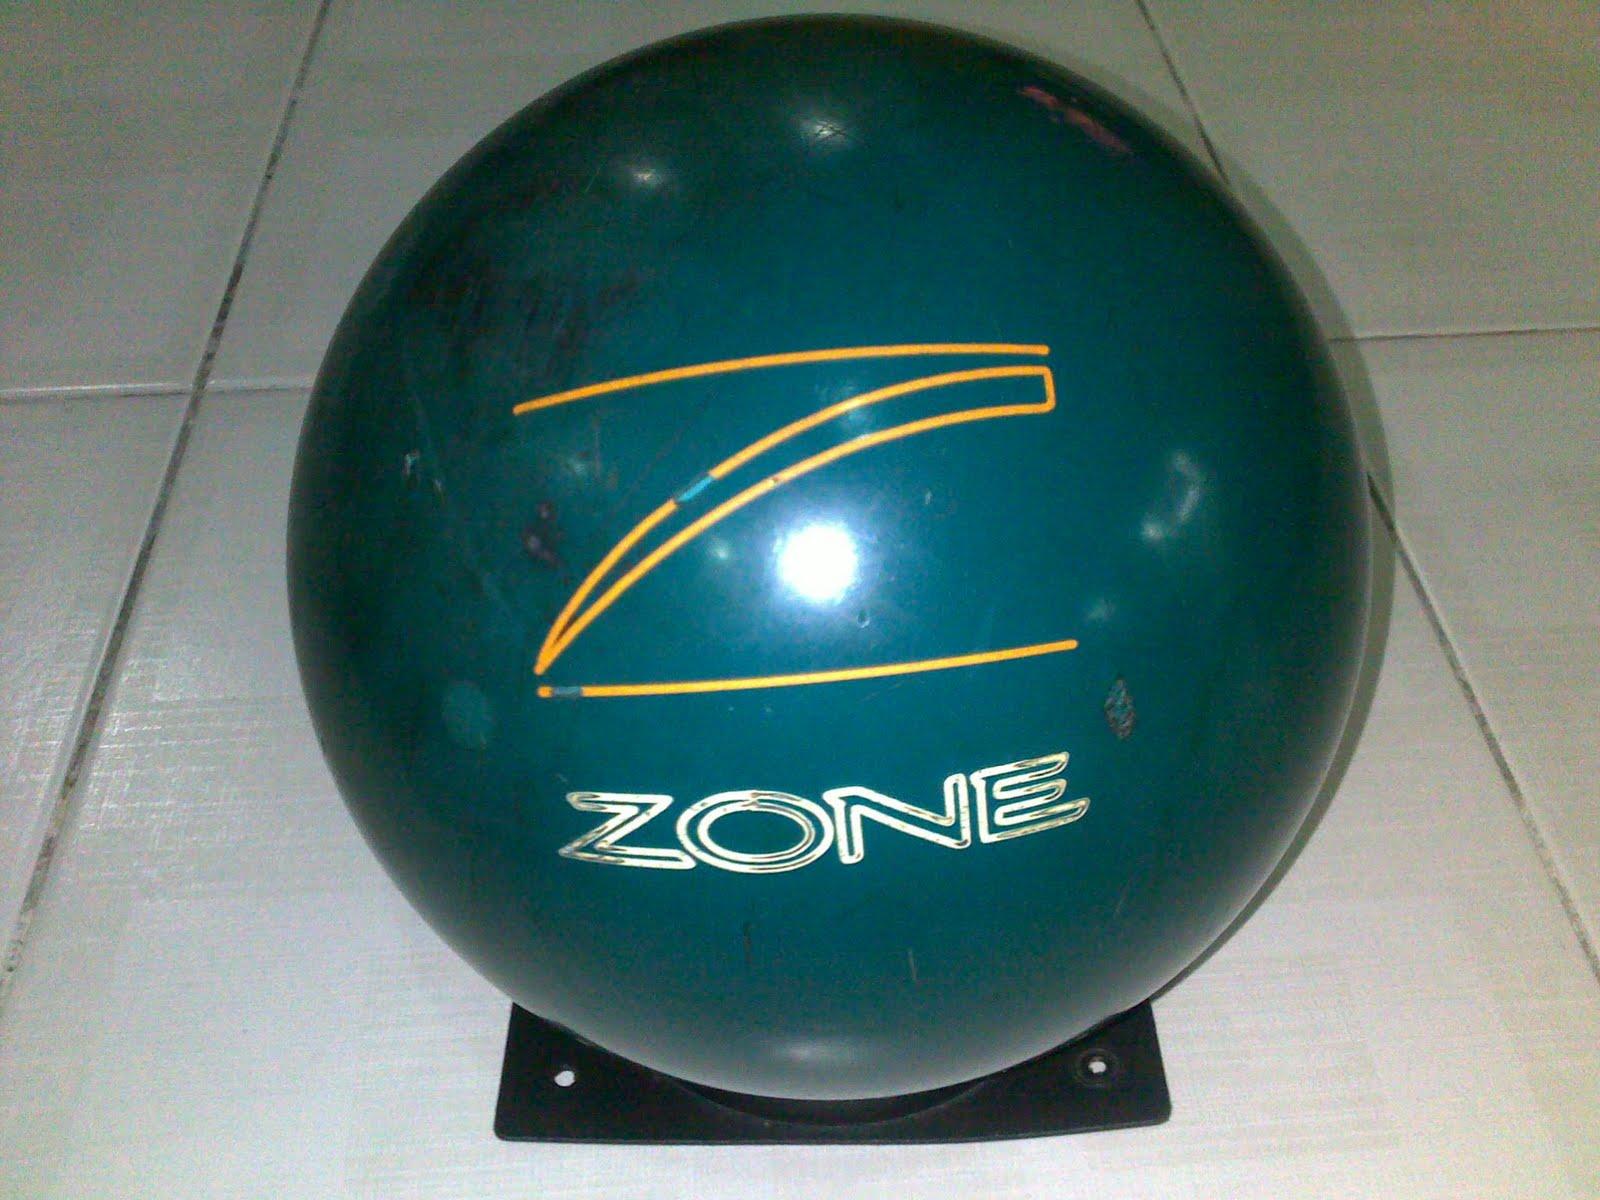 California erotic zone ball